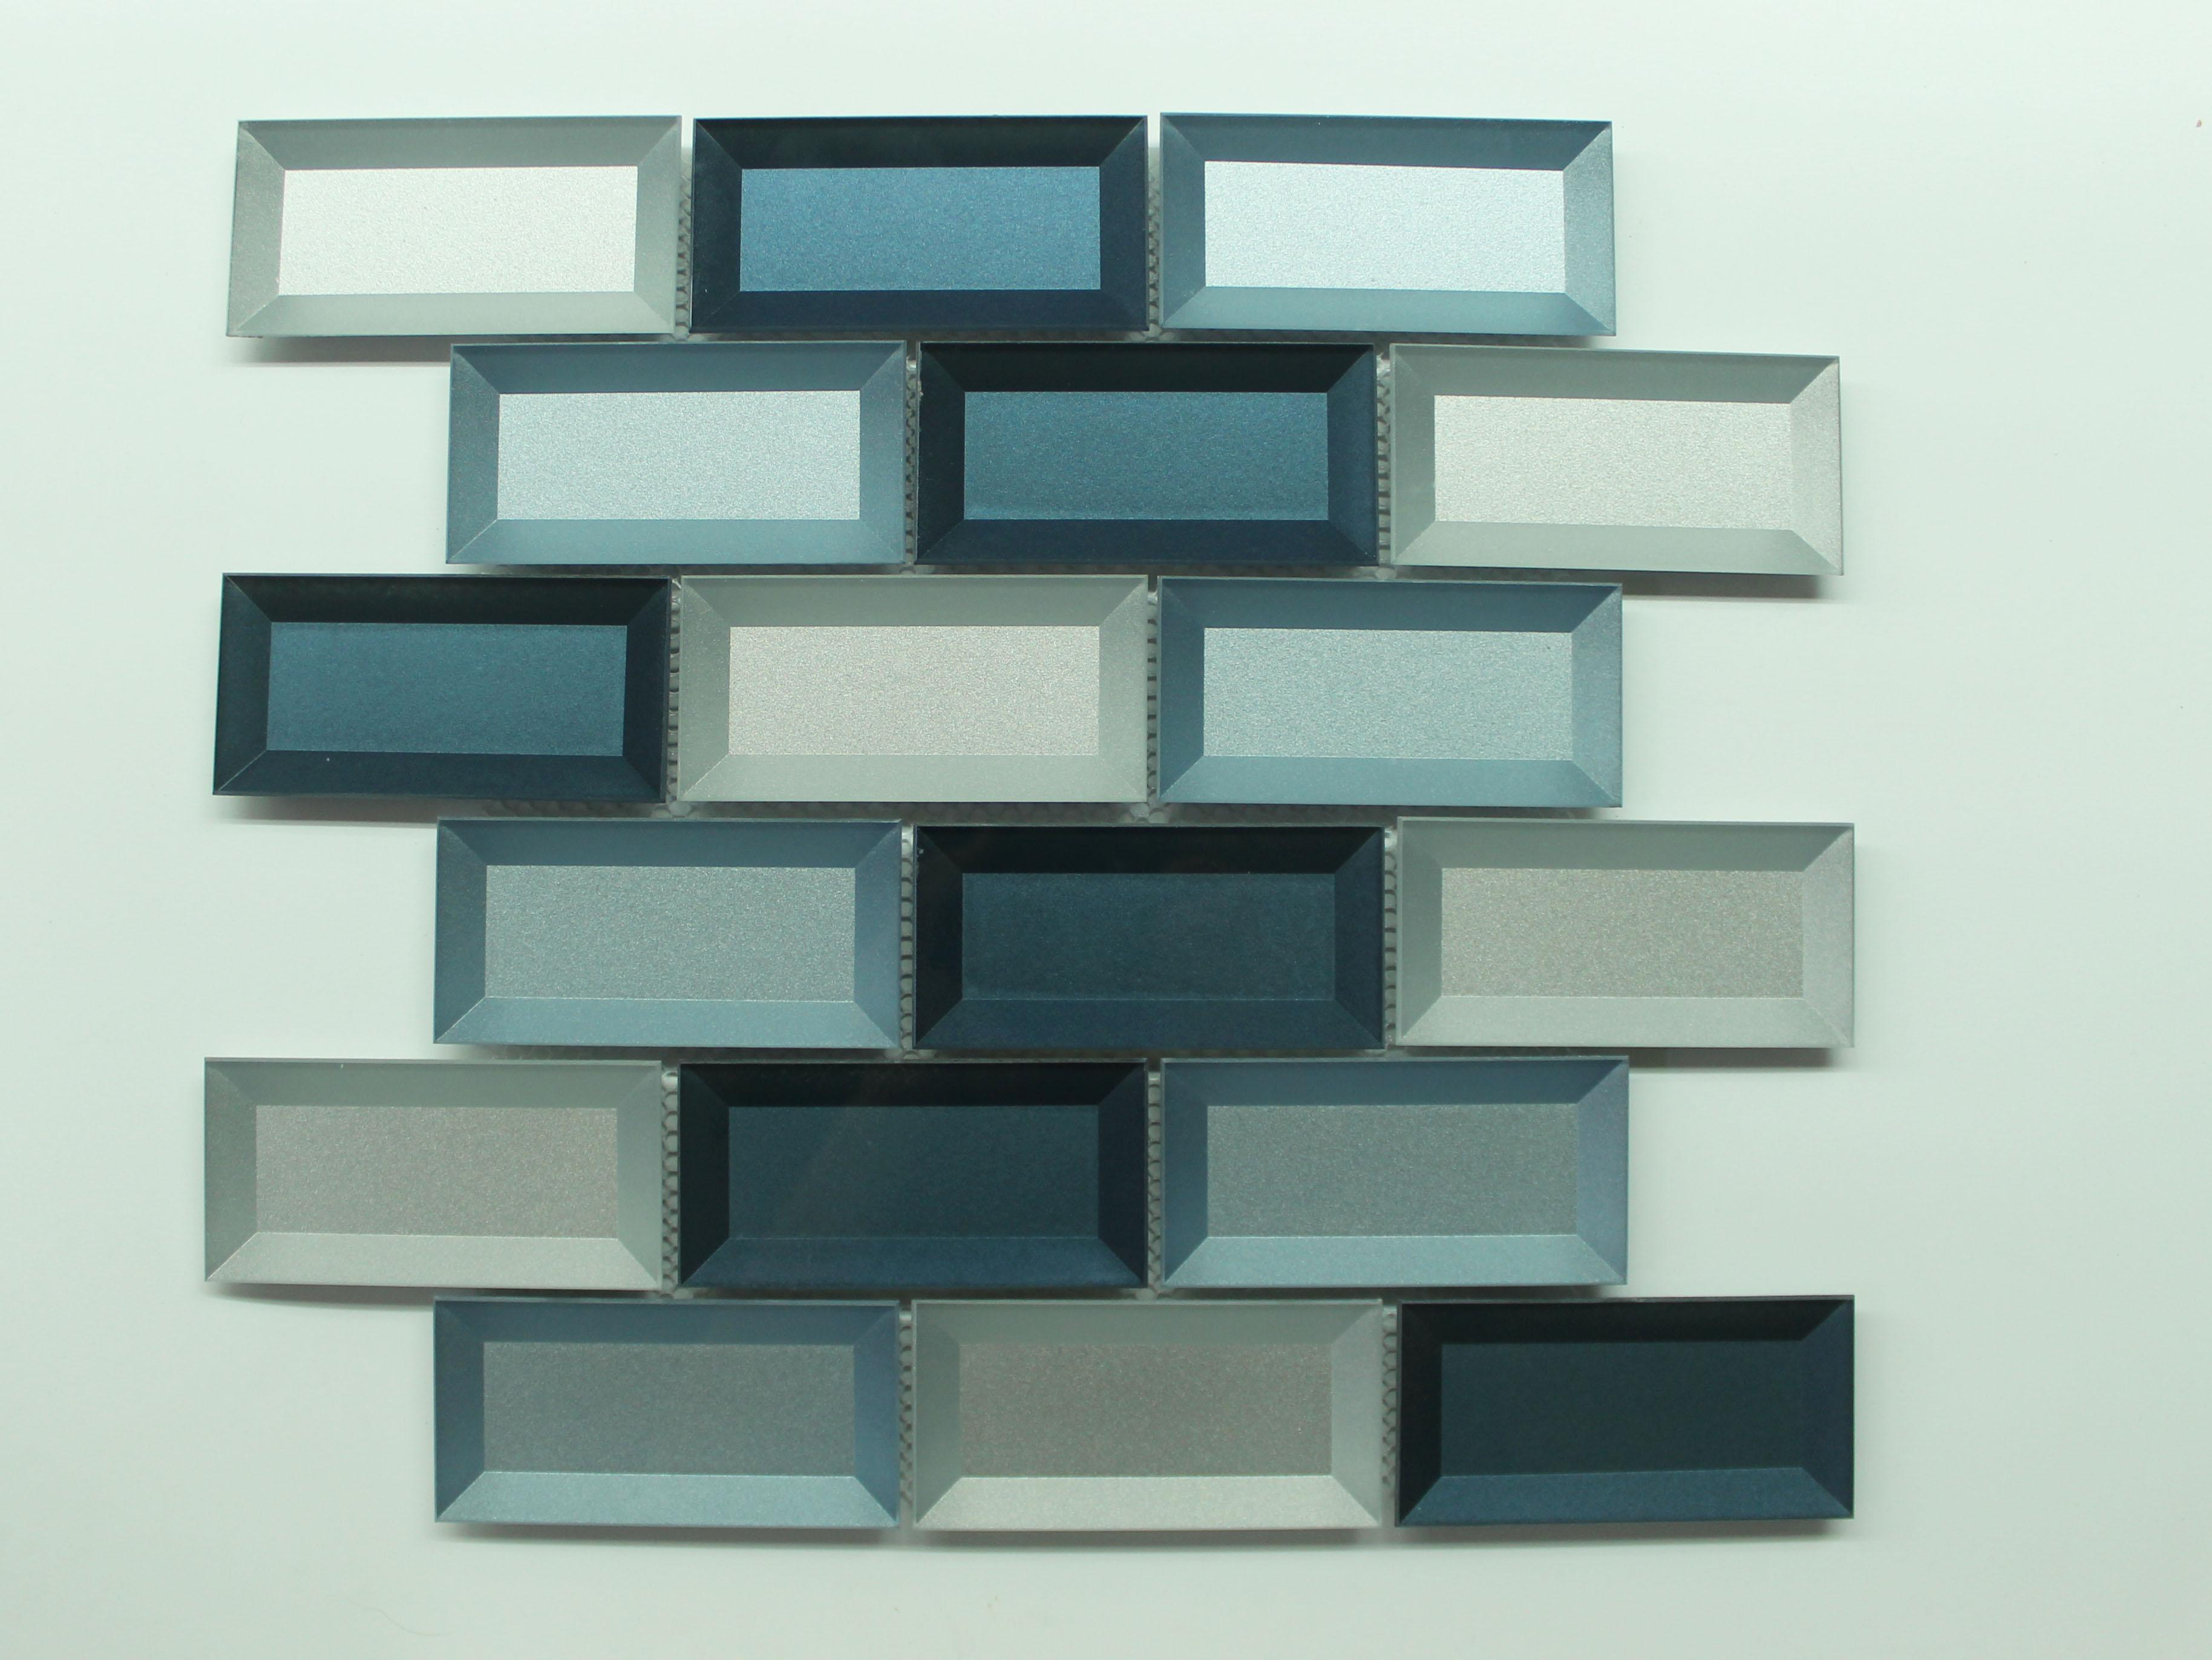 Piastrelle A Mosaico Per Bagno piastrelle per bagno in mosaico di vetro,prezzo basso